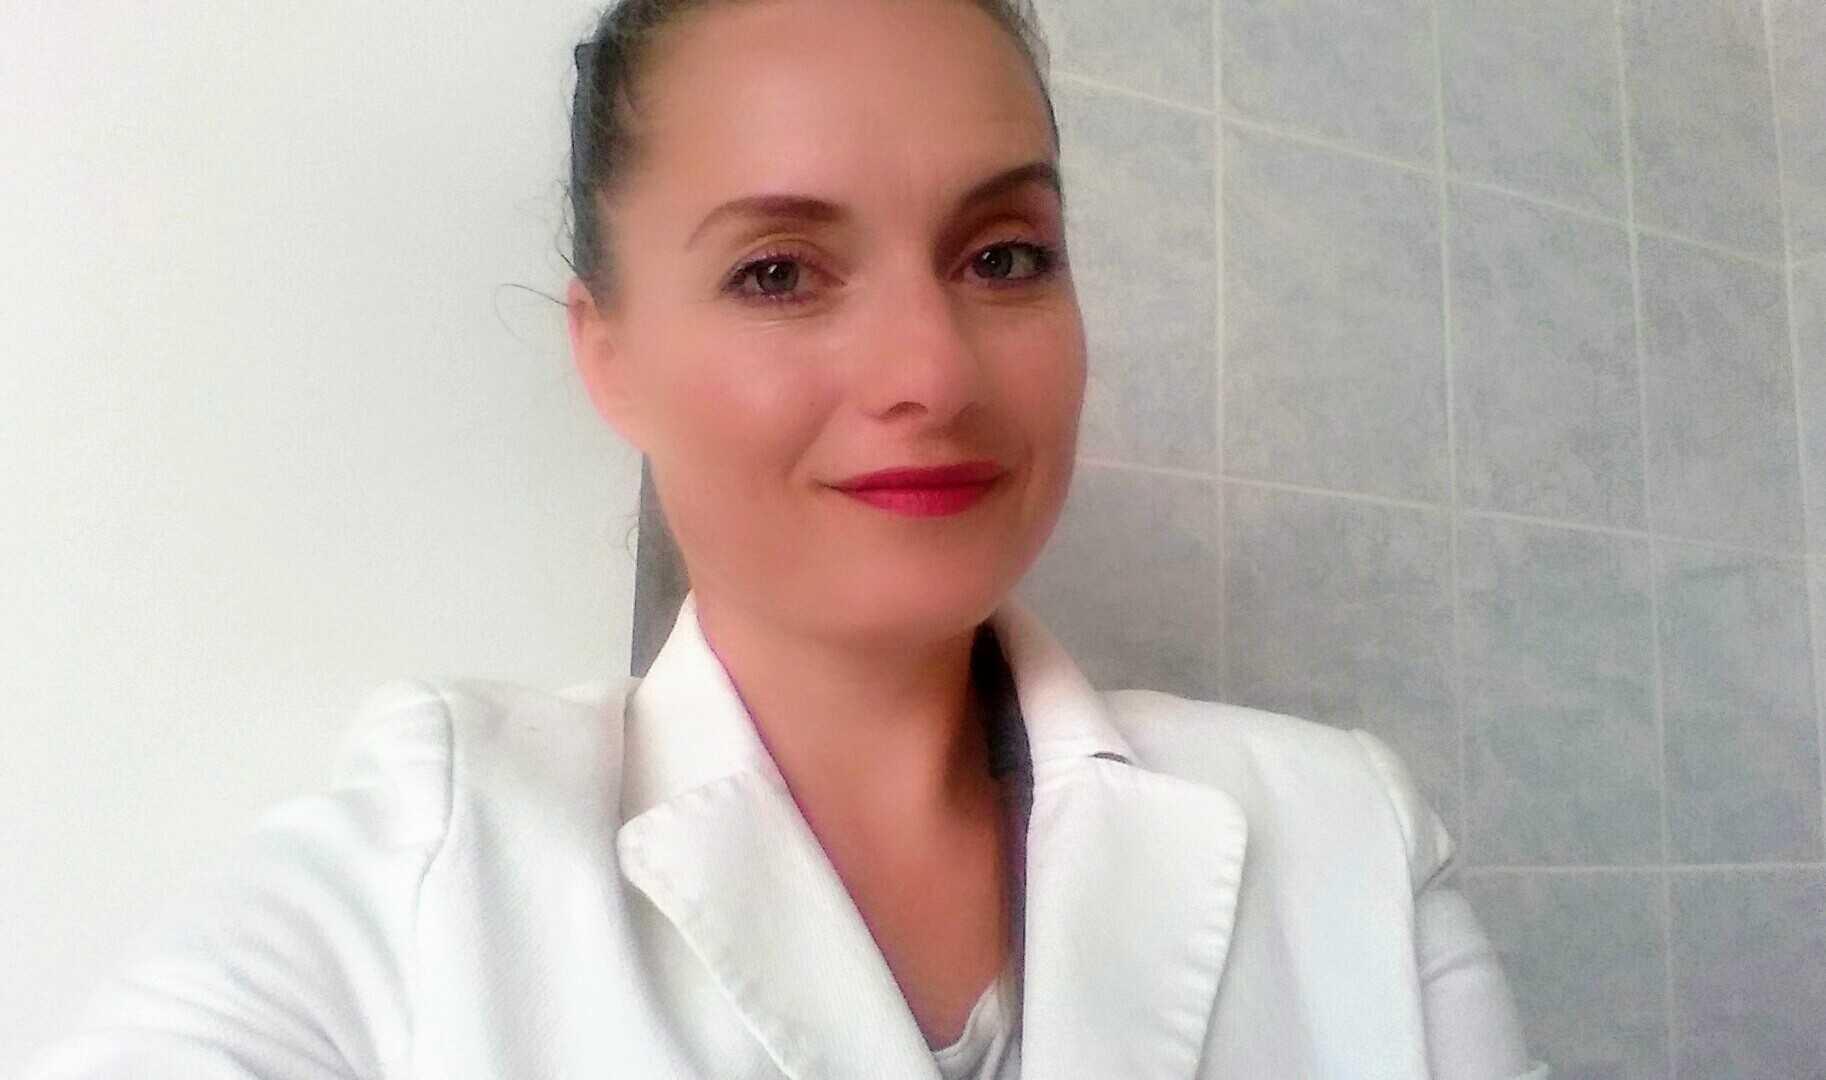 MUDr. Markéta Geleneky. Klinika infekčních, parazitárních a tropických nemocí Nemocnice Na Bulovce a 3.LFUK, Praha. 3.LFUK Praha1.